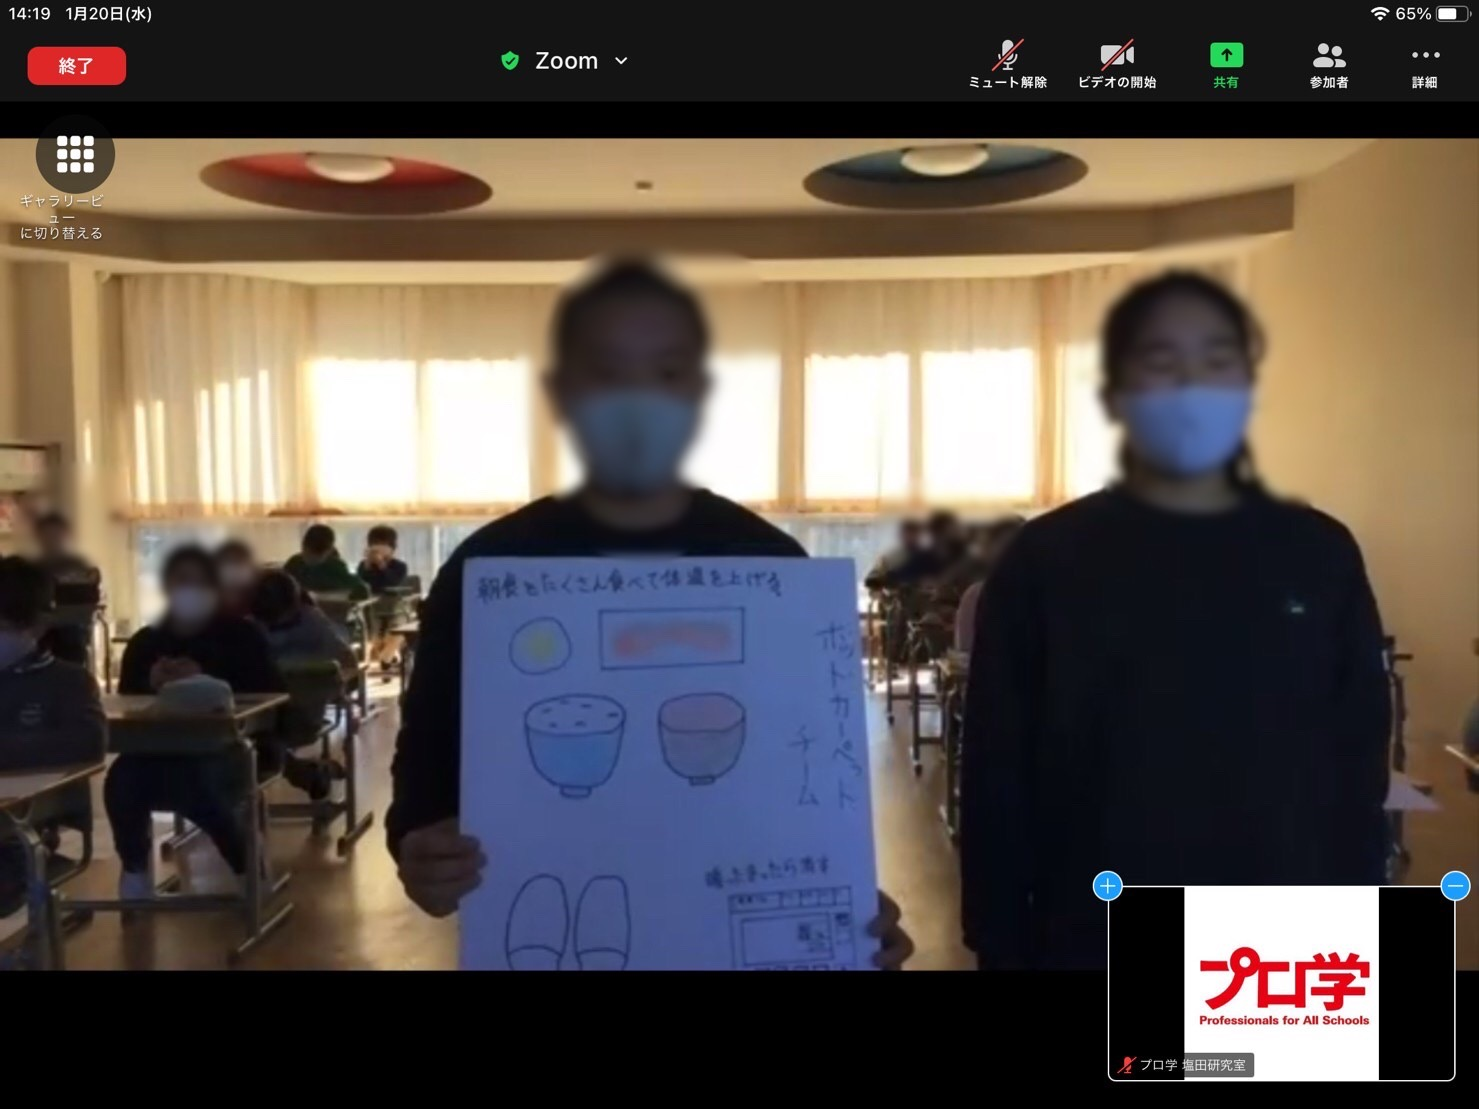 群馬県昭和村立大河原小学校にて、富士通株式会社とインターネットで繋がる遠隔授業を実施しました。